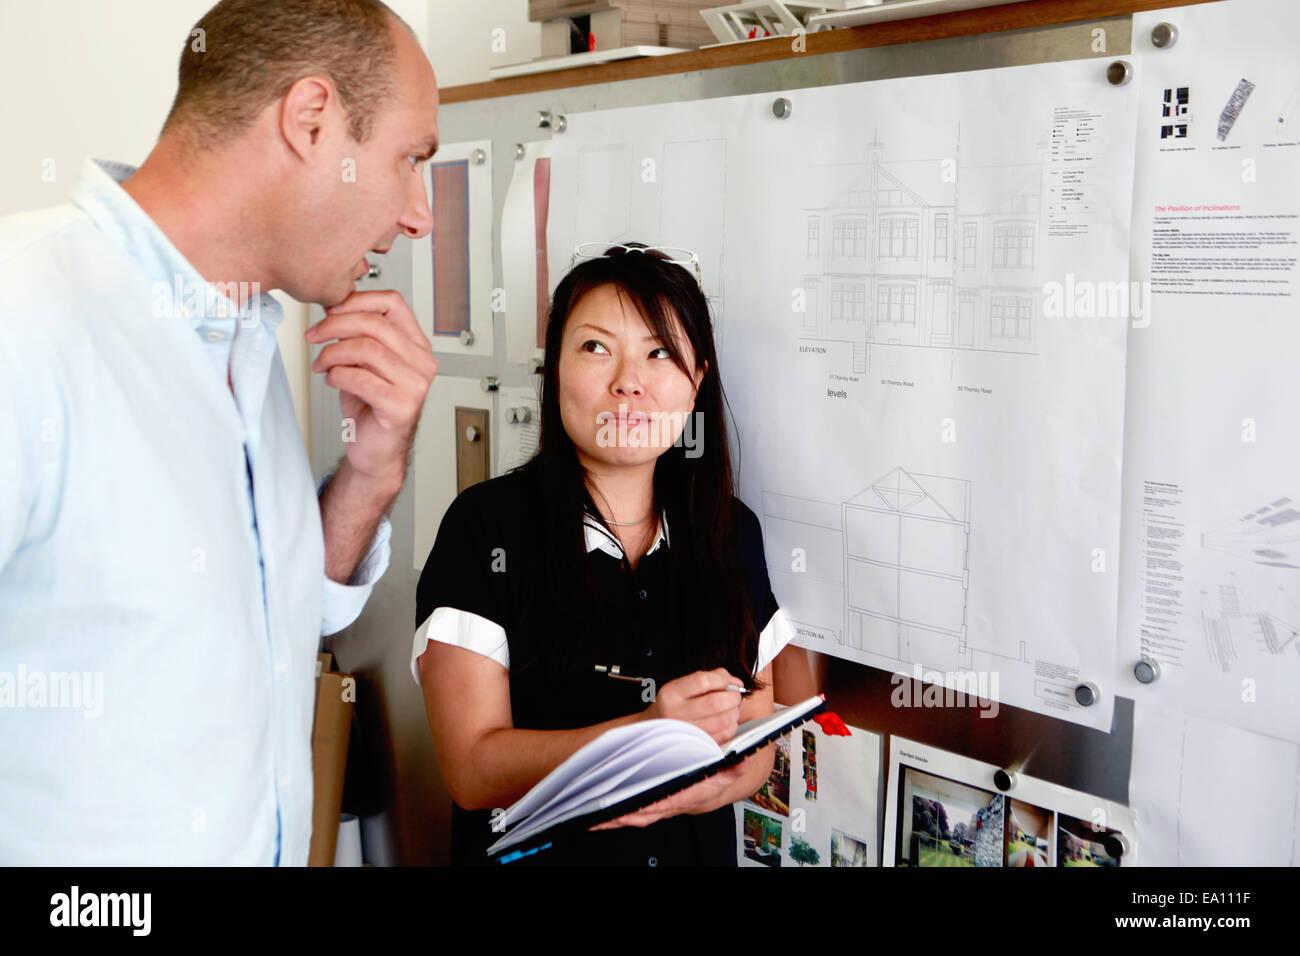 Arquitectos masculinos y femeninos mirando anteproyectos en Office Imagen De Stock